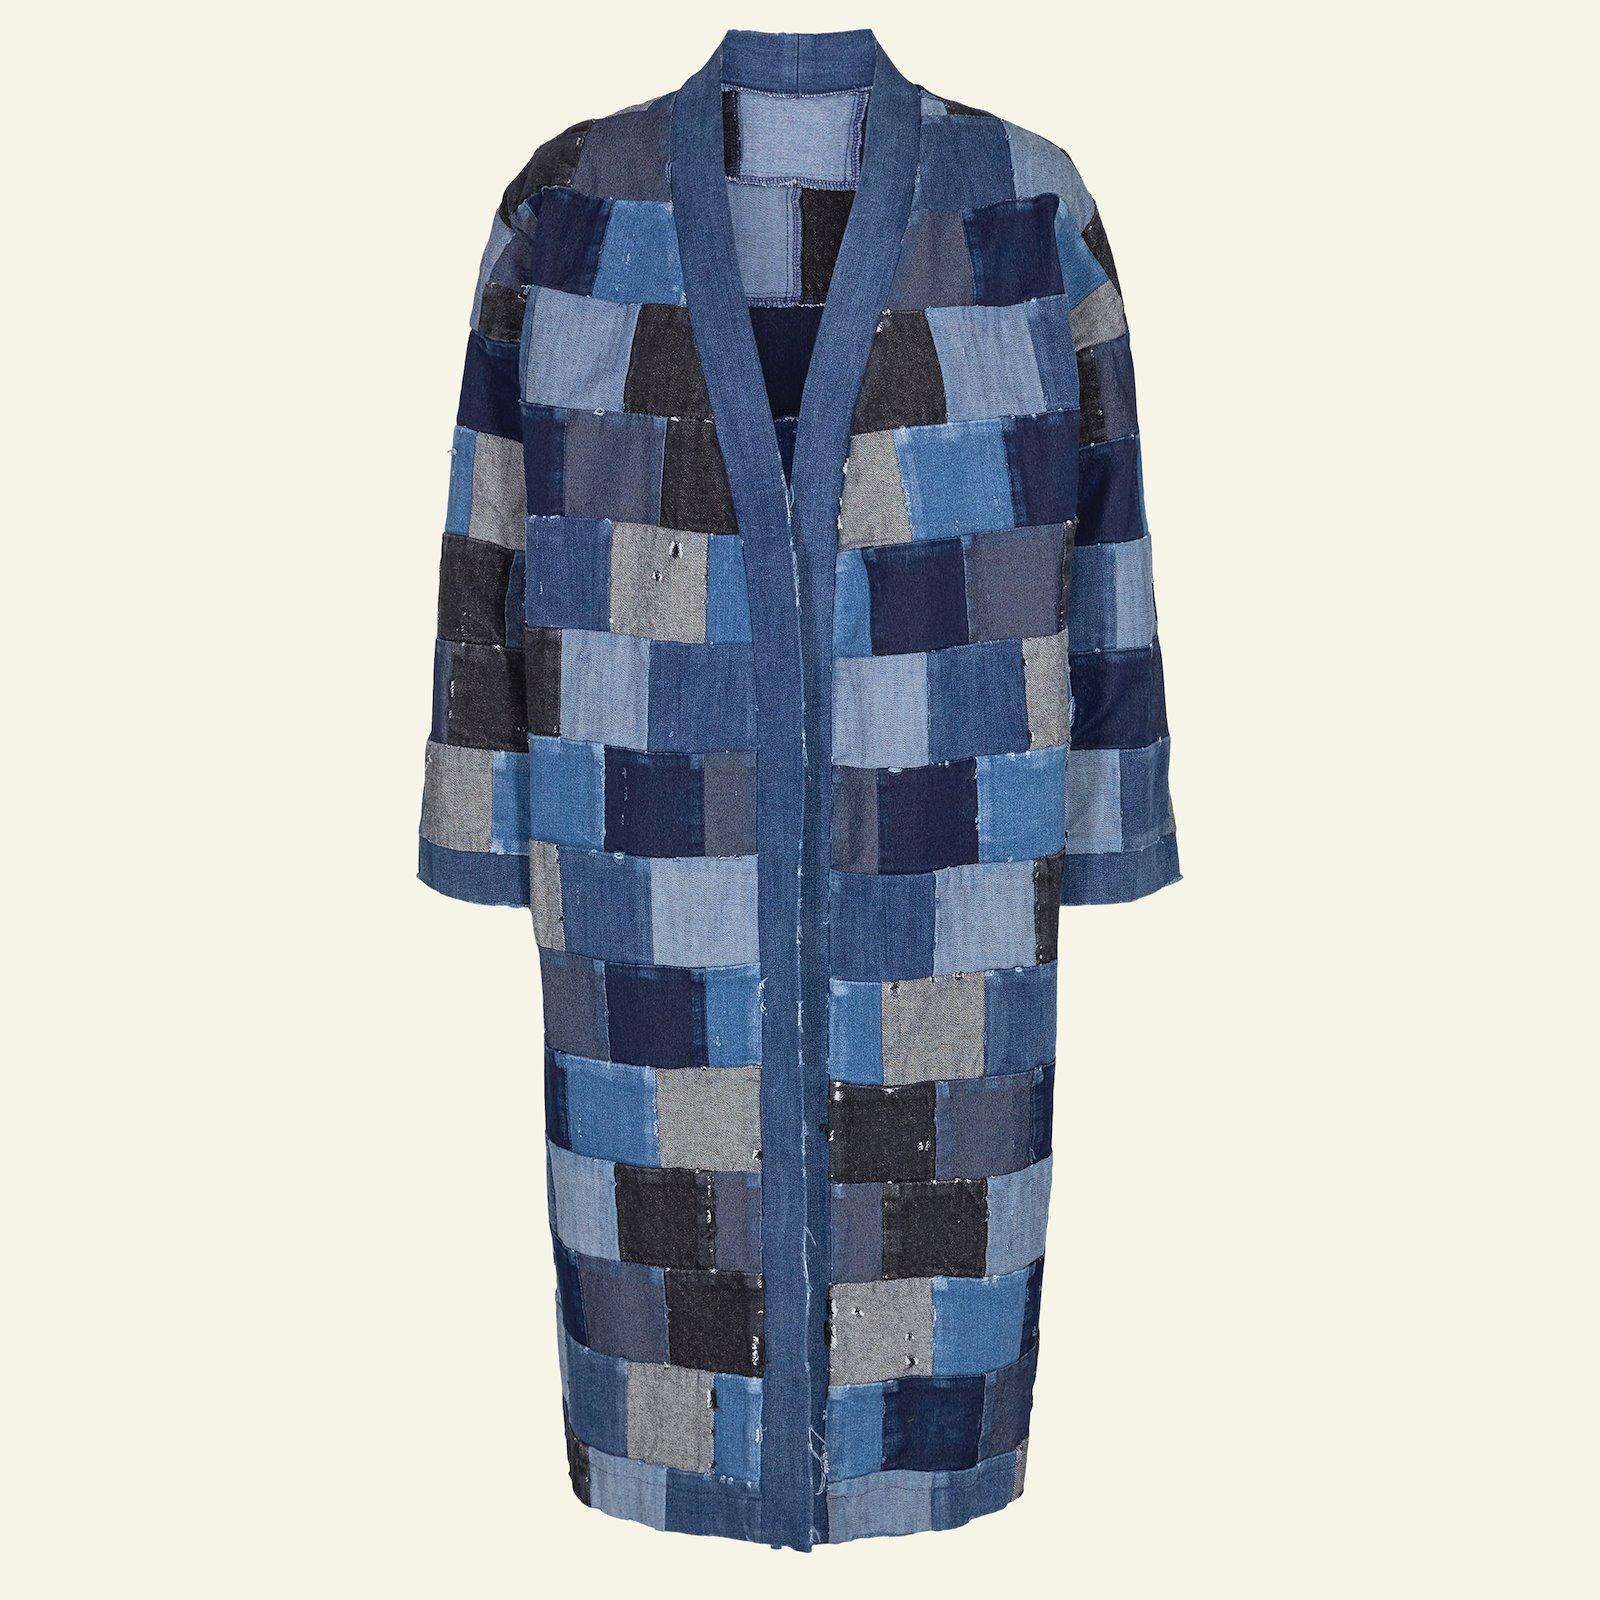 Kimono, XL p24040_5343_460068_460810_460851_sskit